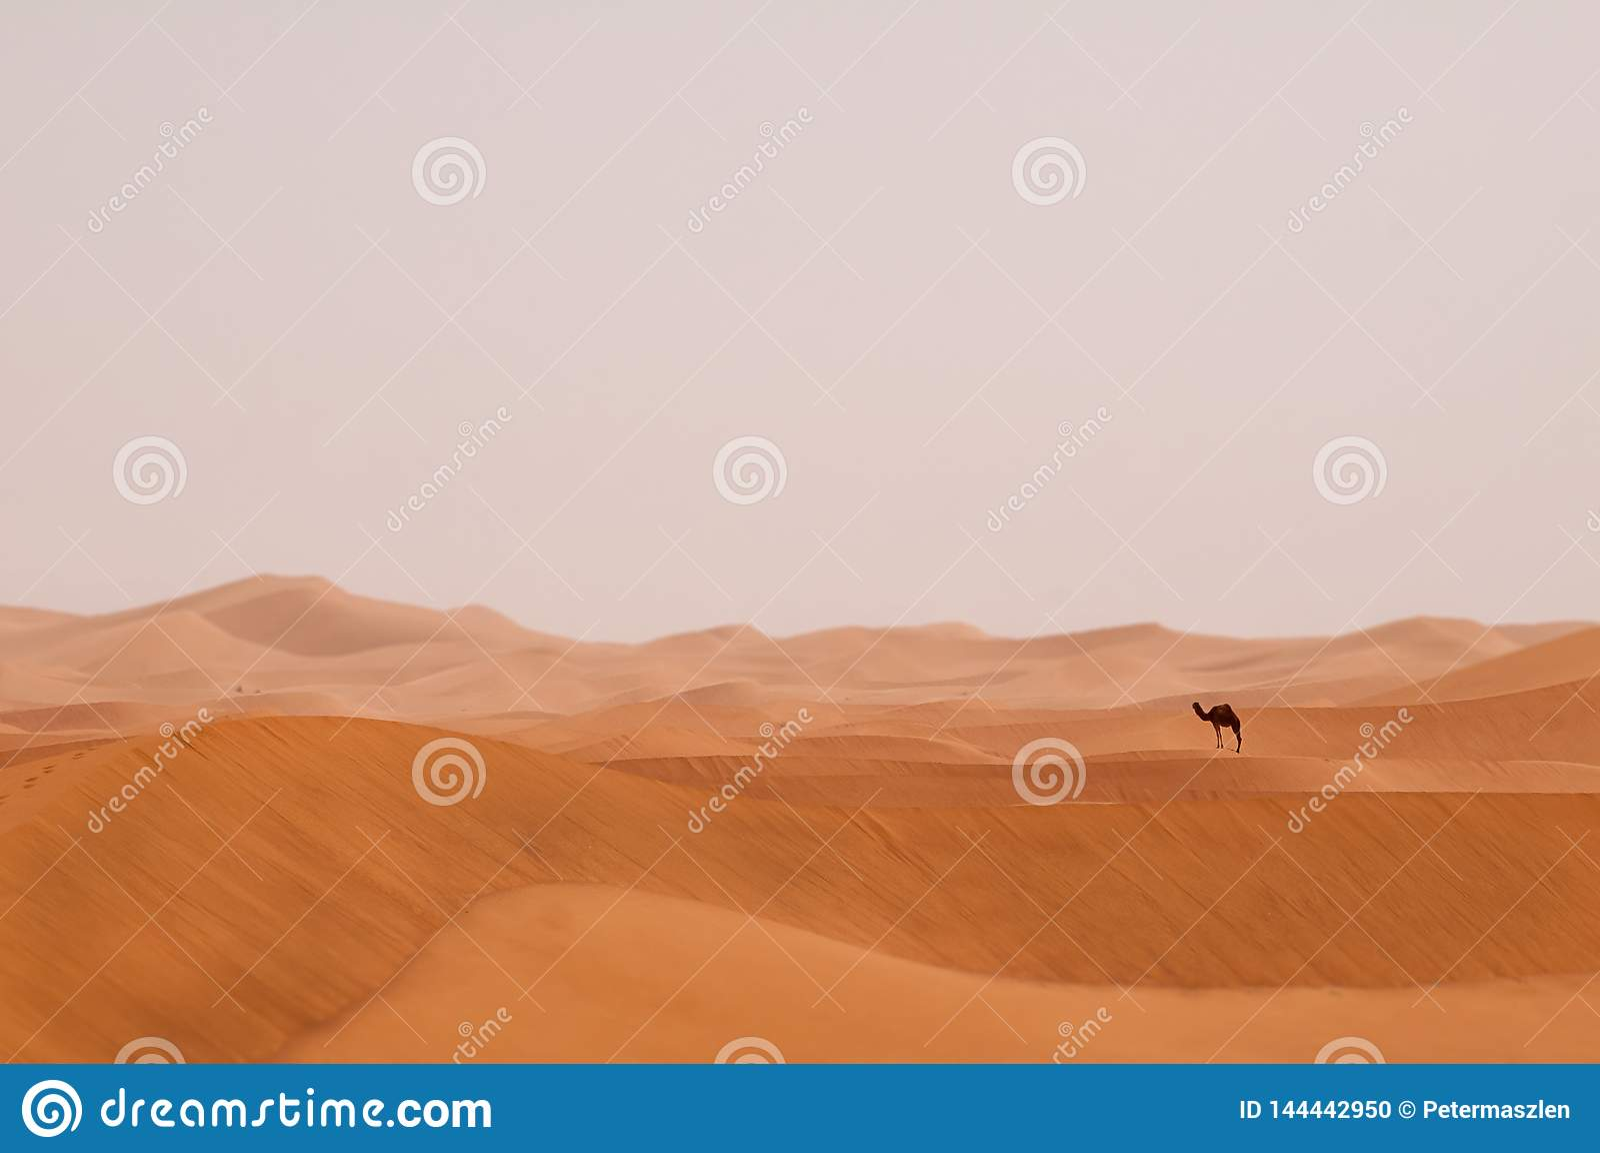 Einsames Dromedar in Sahara Desert von Marokko